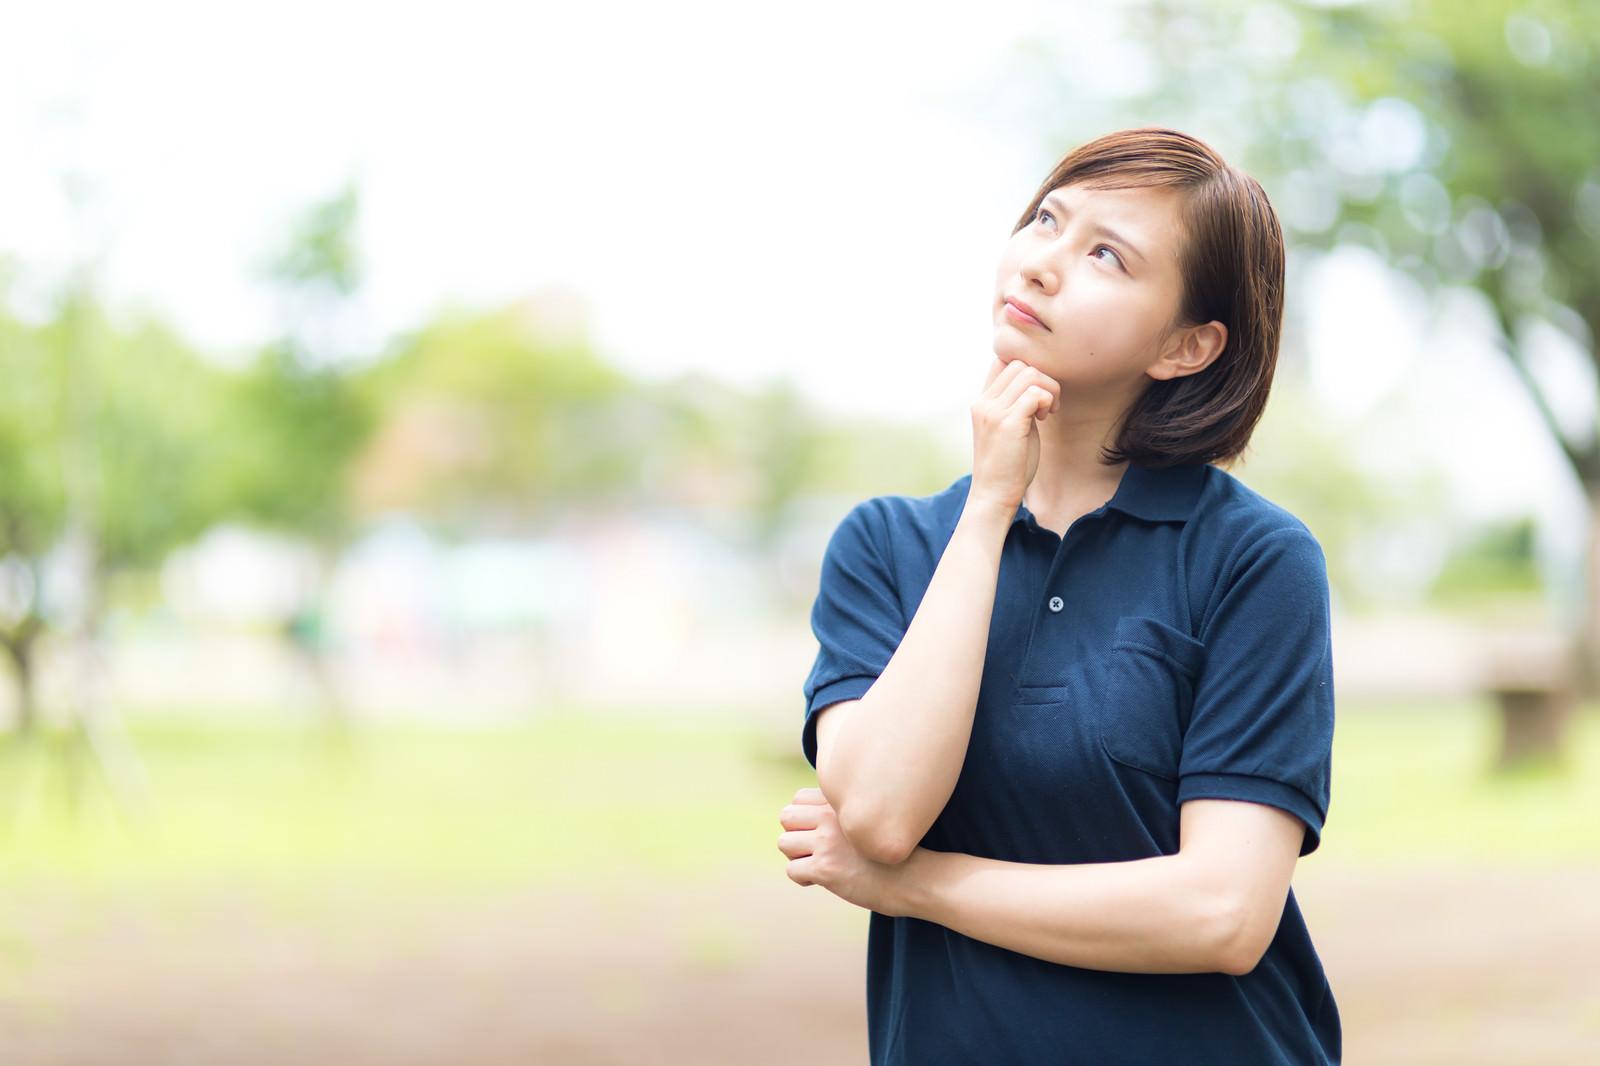 「空を見上げて考え込むヘルパーの女性」の写真[モデル:yumiko]